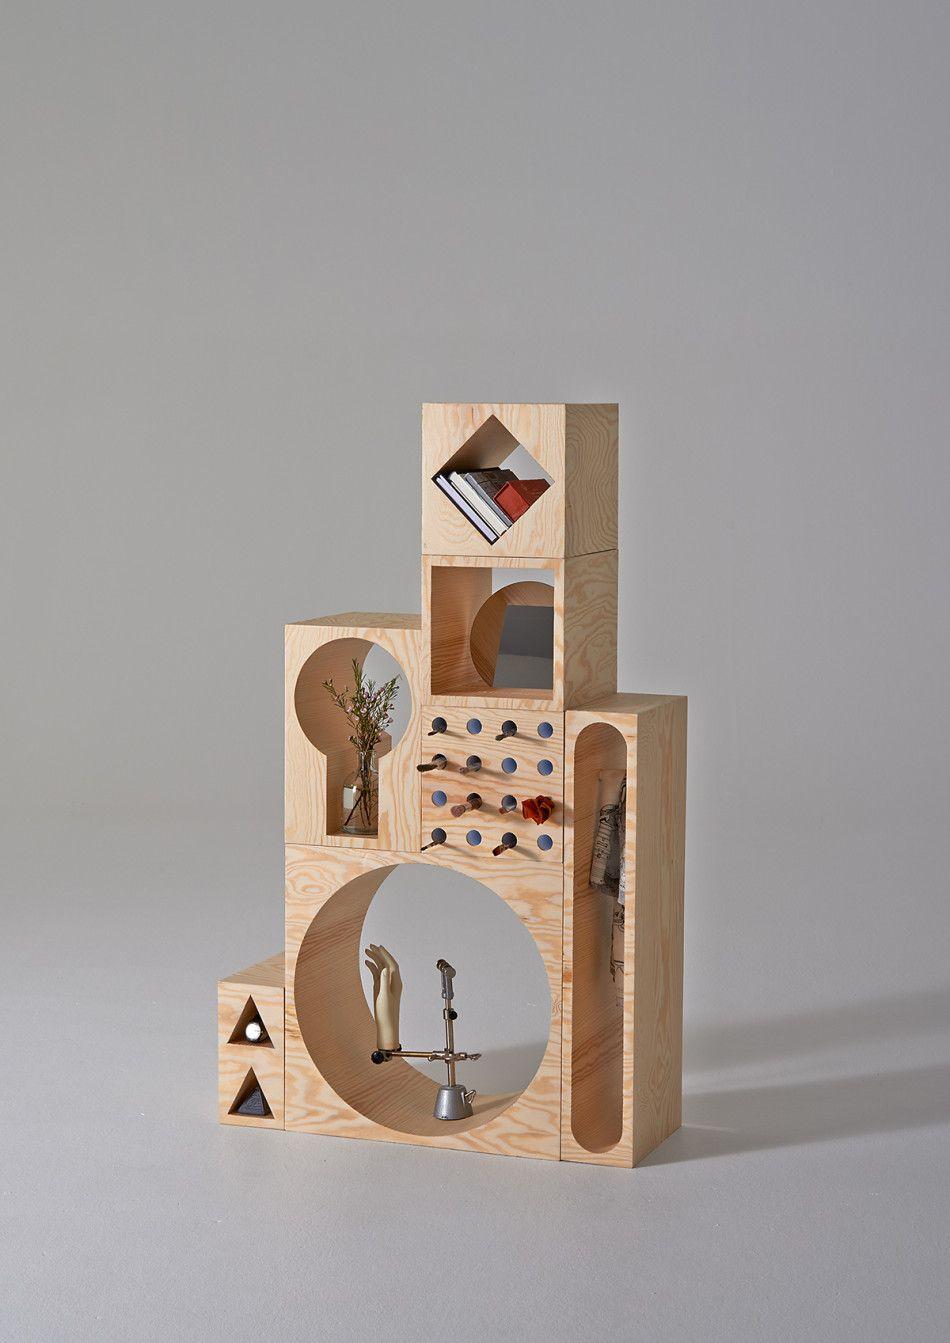 Organizador inspirado en los bloques armables de madera. ¡Encaja las ...